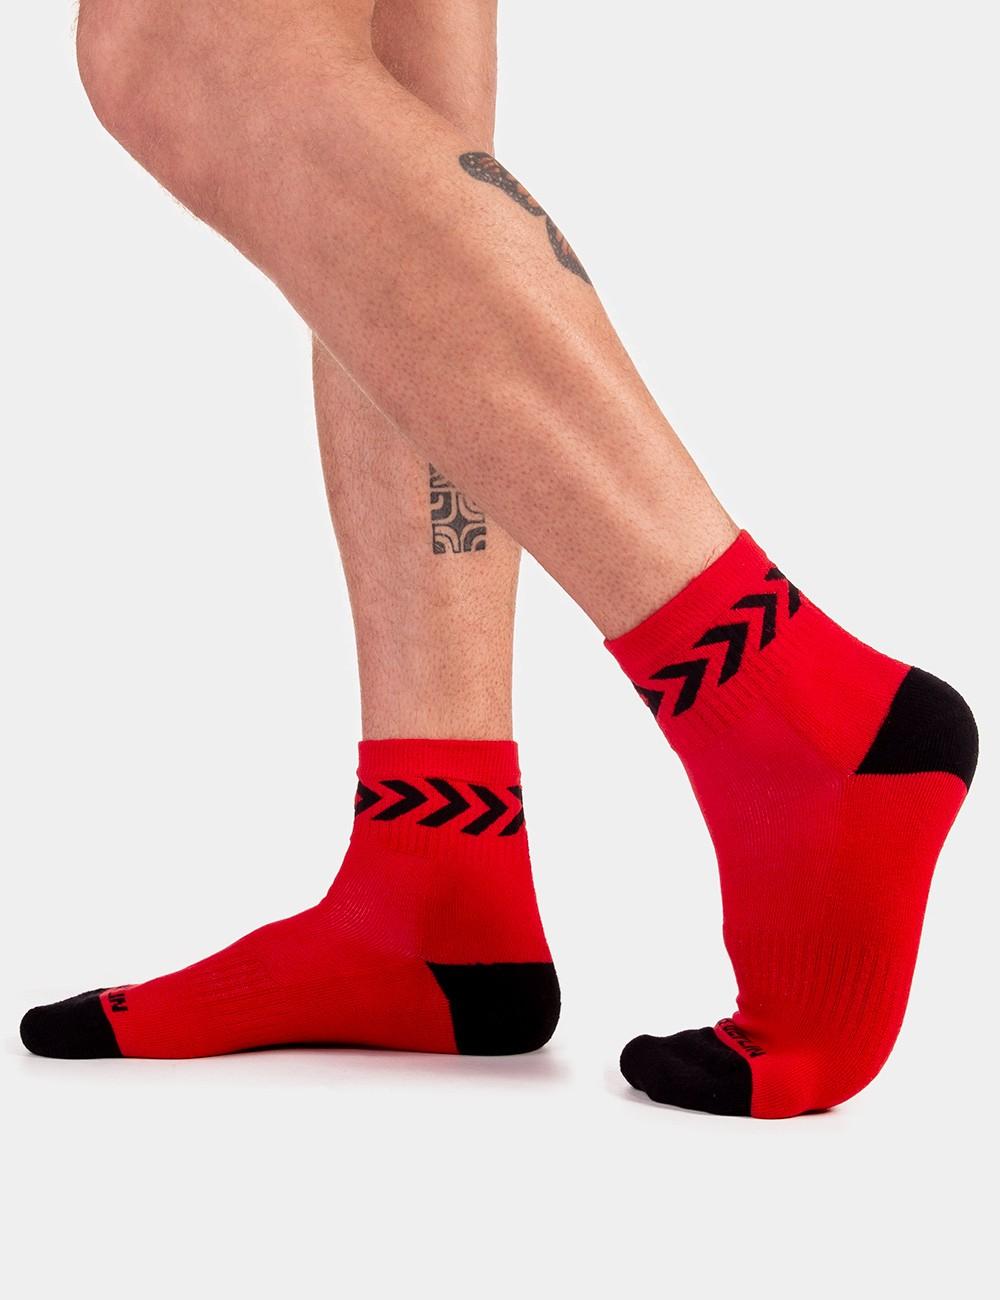 Petty Socks Ss20 - Red-Black